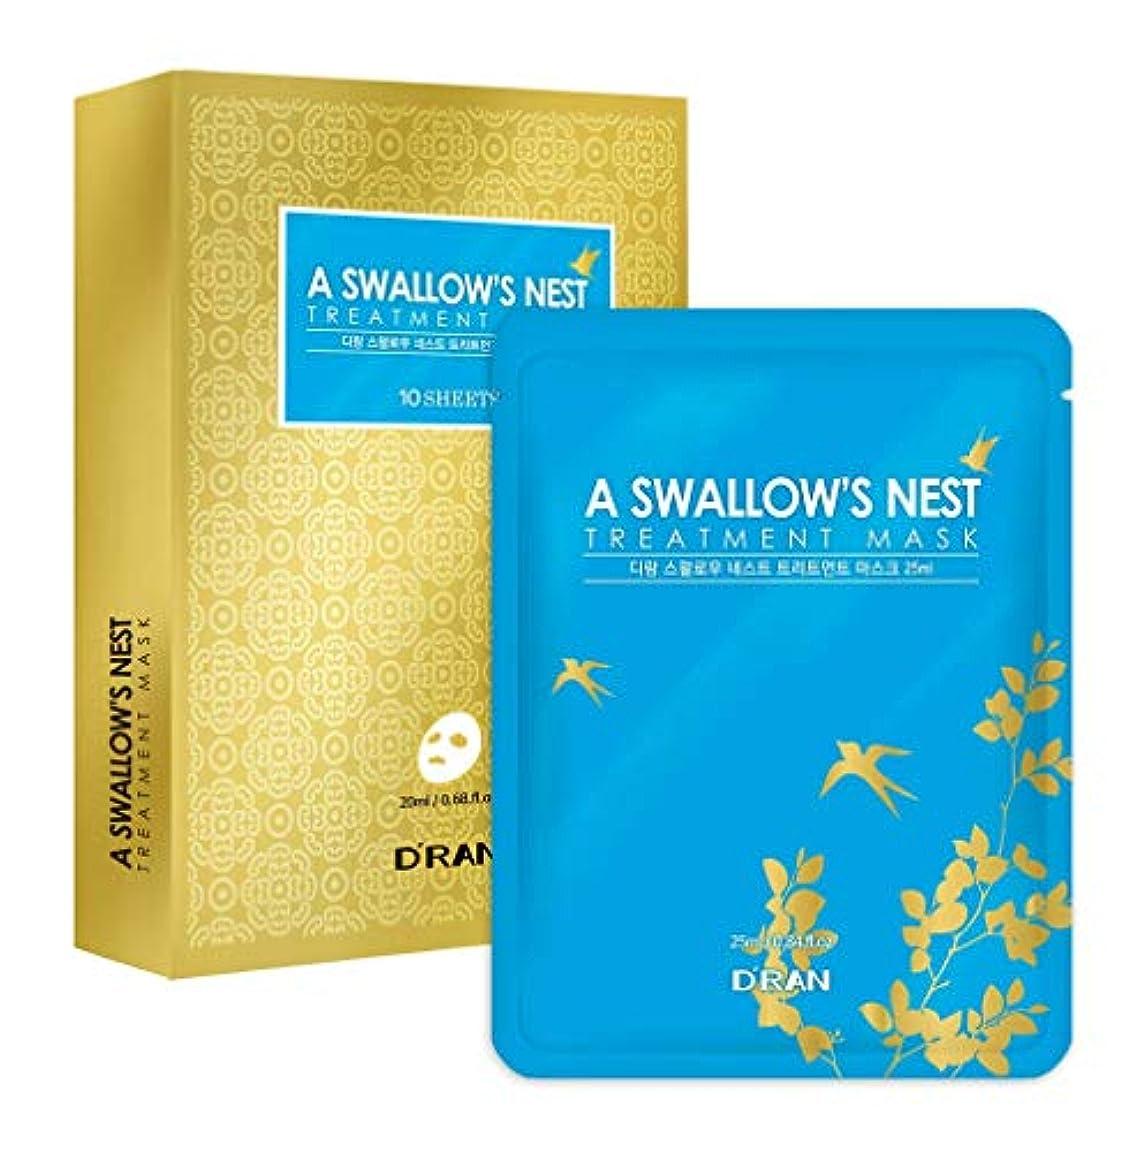 ガレージ考慮禁じるNew A Swallow's Nest Treatment Mask (1set_10pcs)